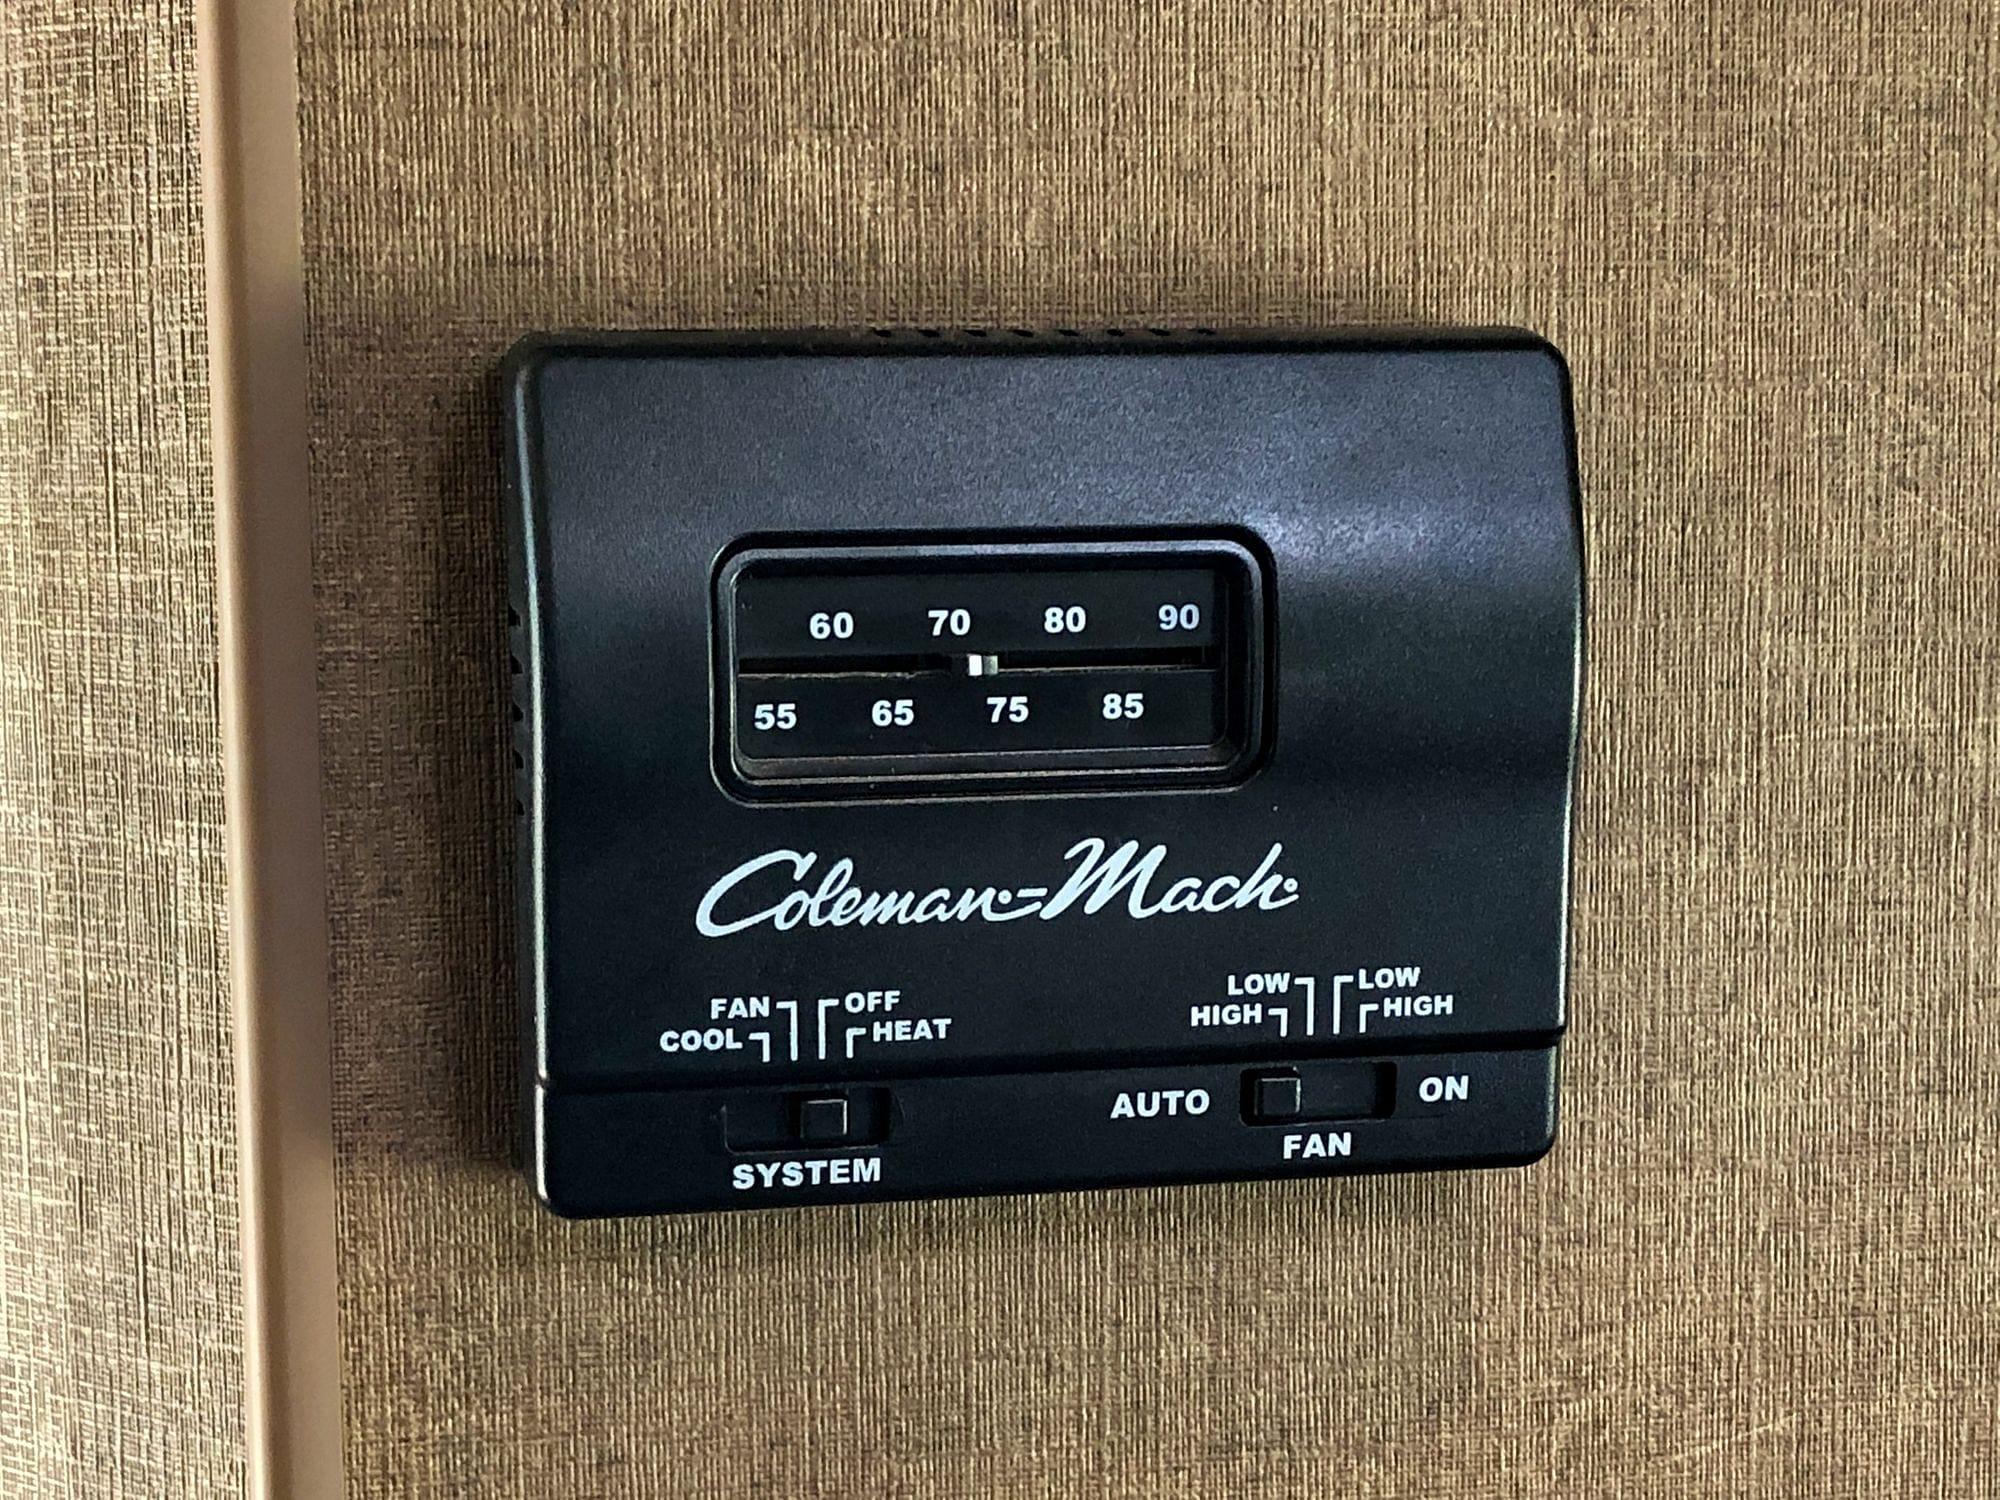 Coleman Mach RV Thermostat